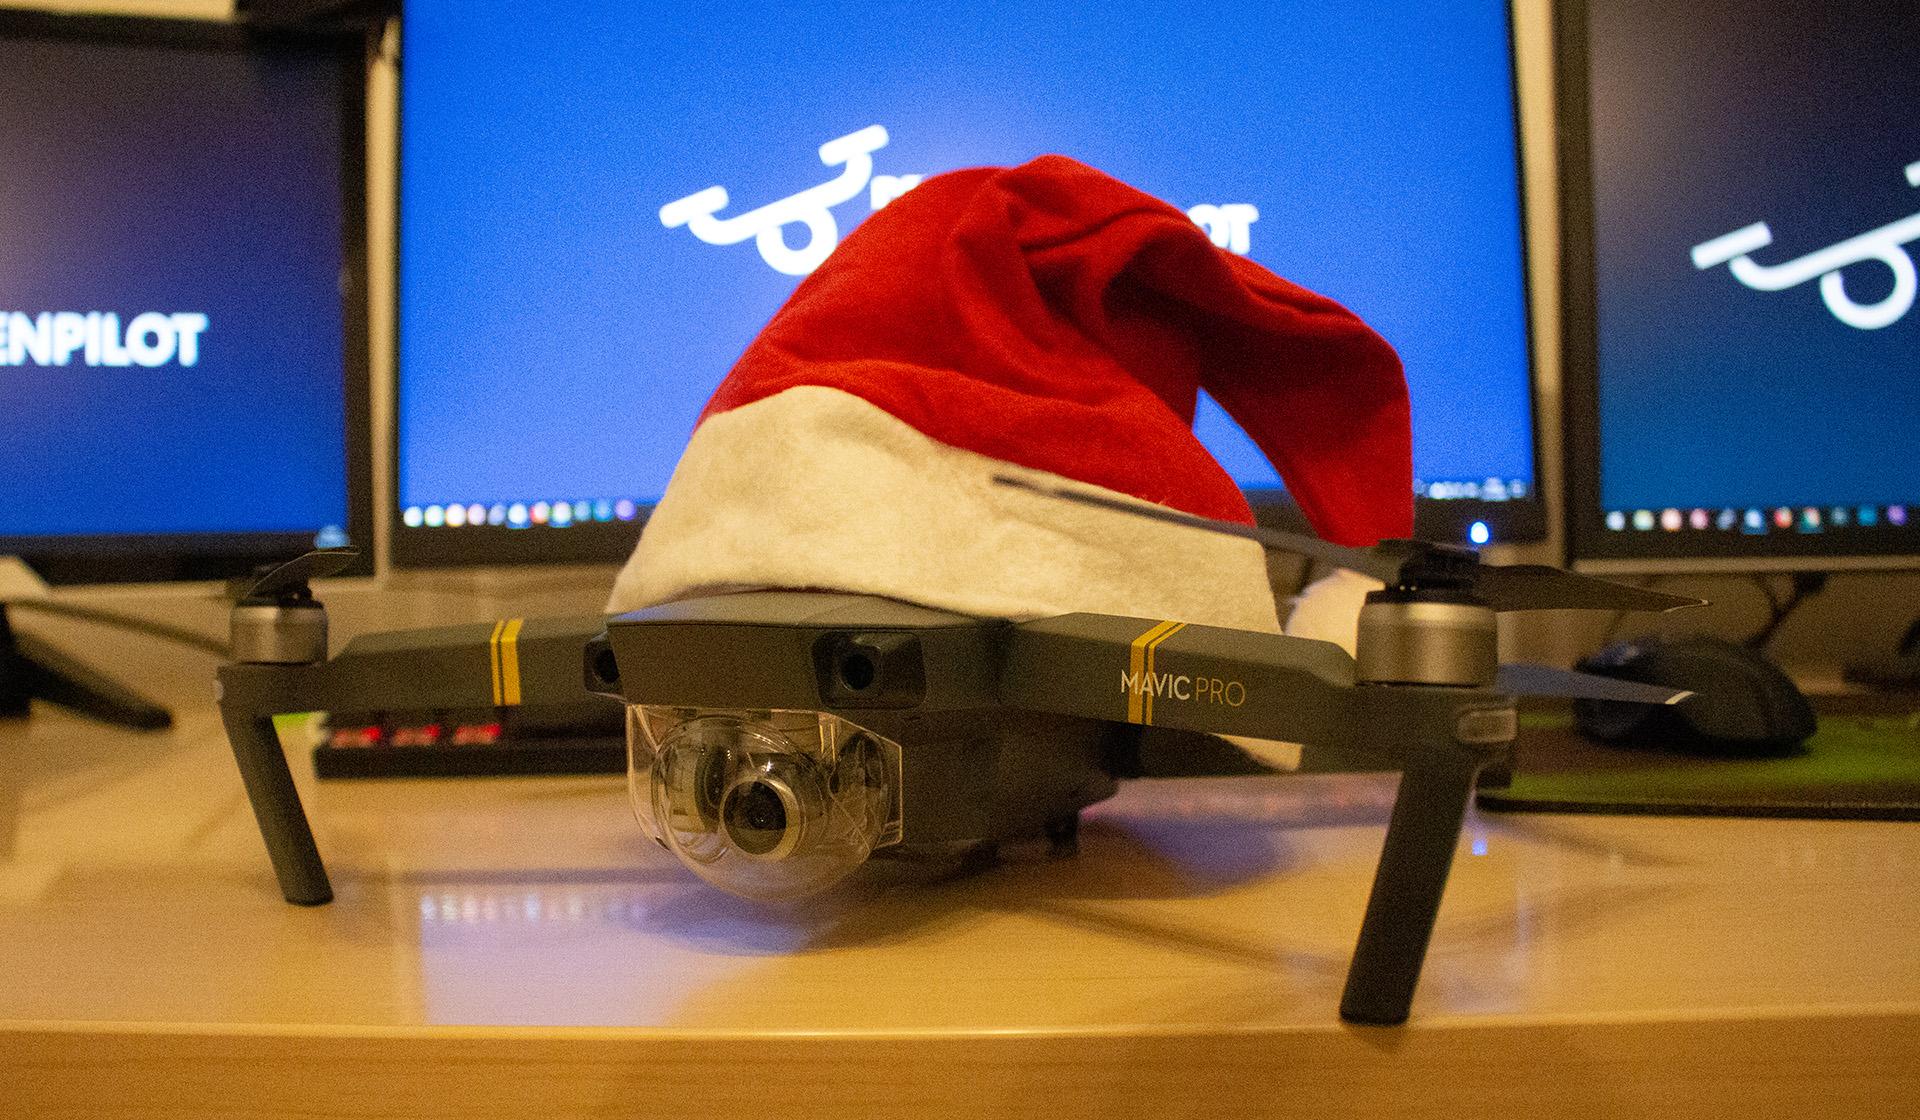 Drohnen Weihnachtsgeschenk Coverbild